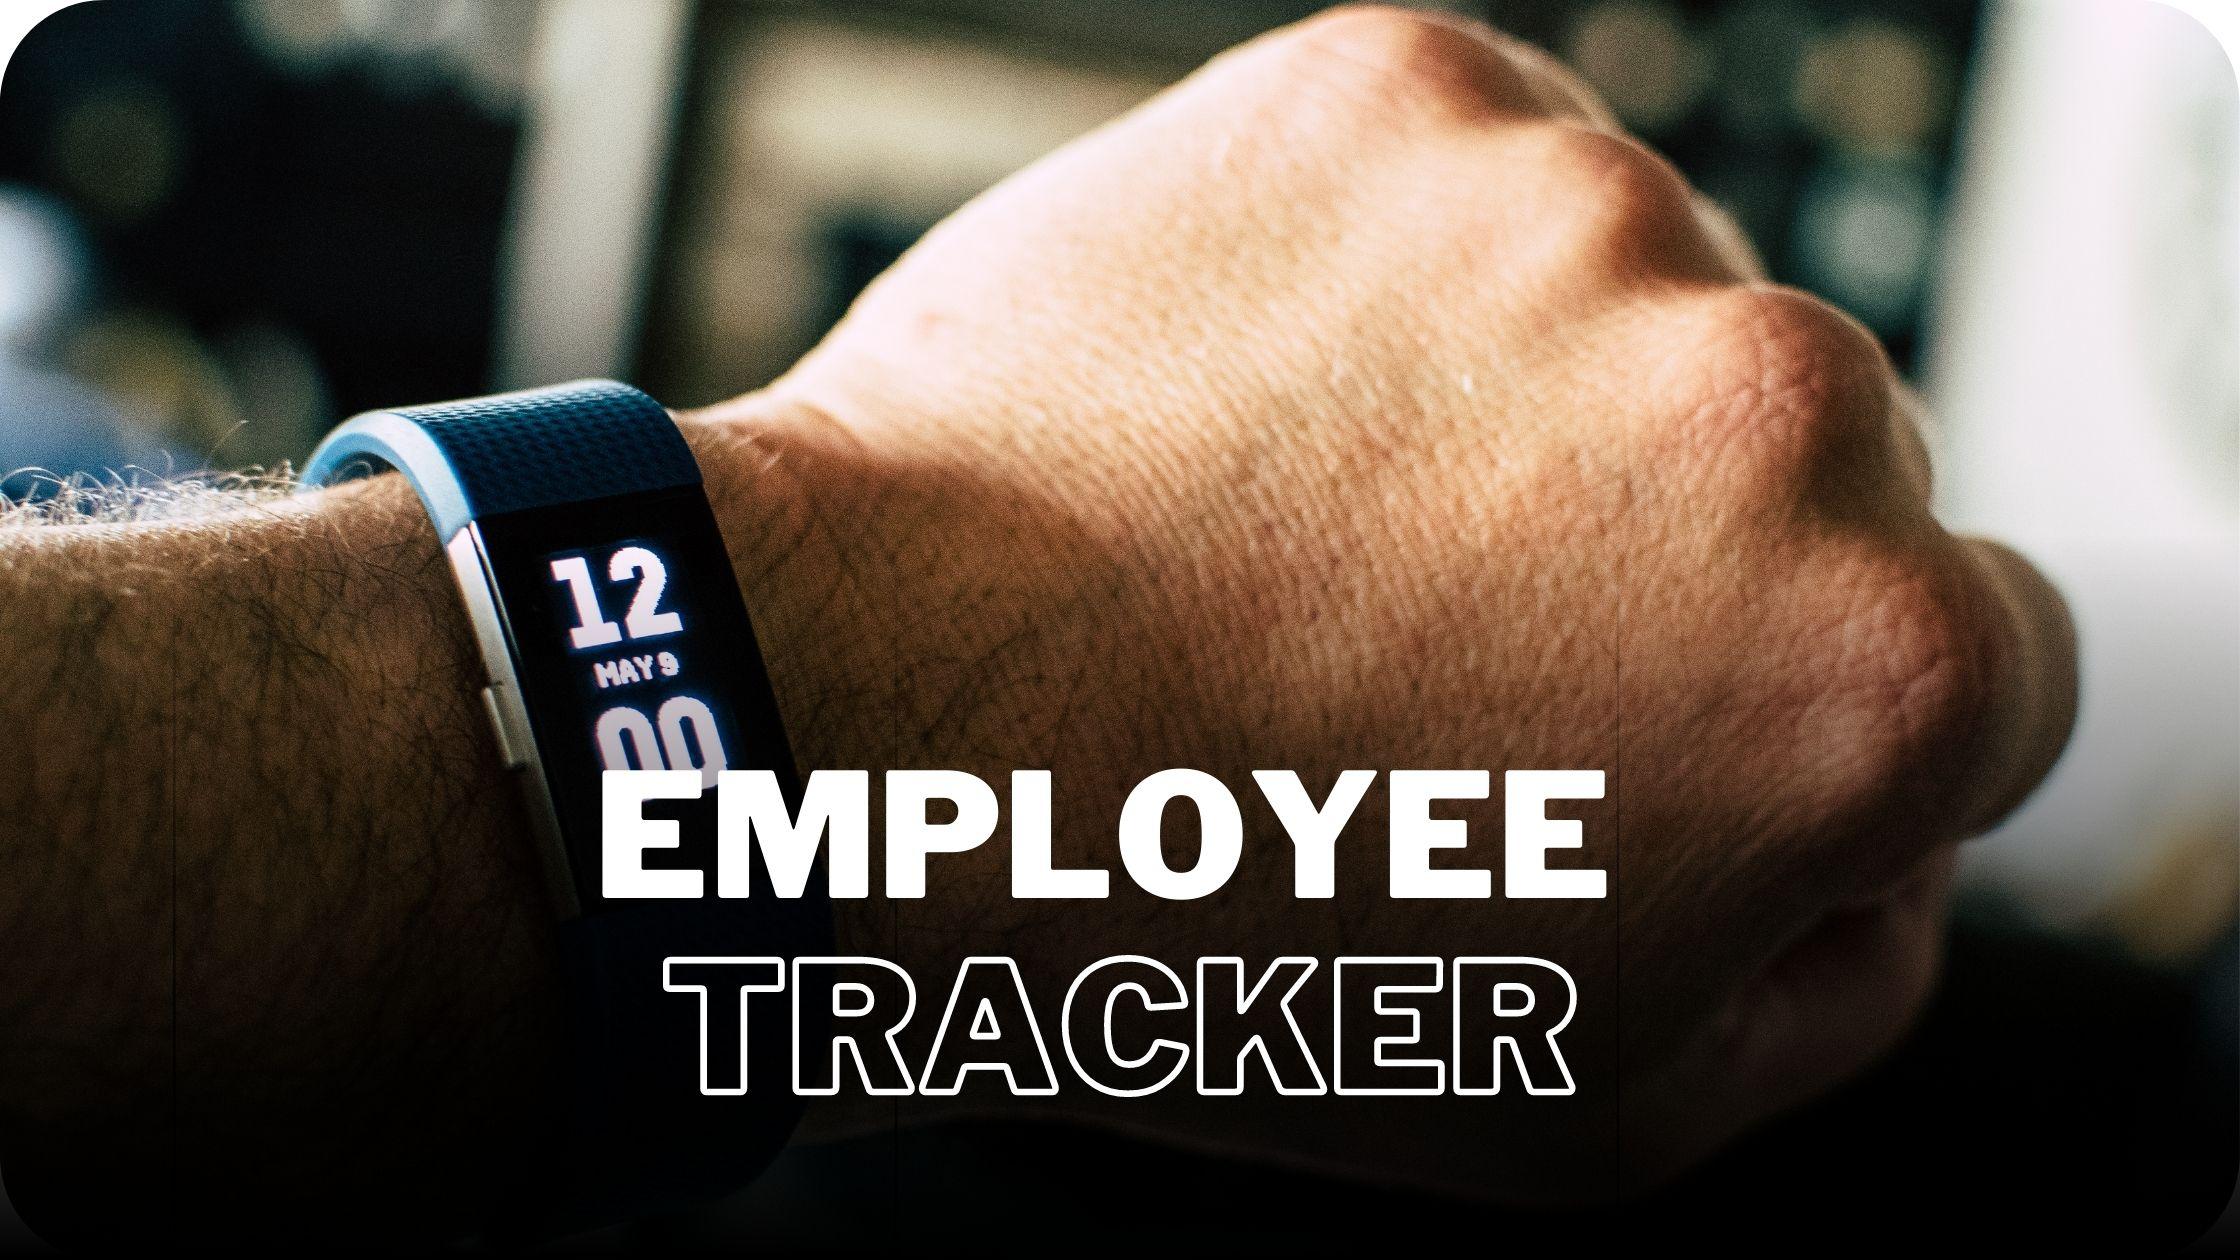 Employee Tracker